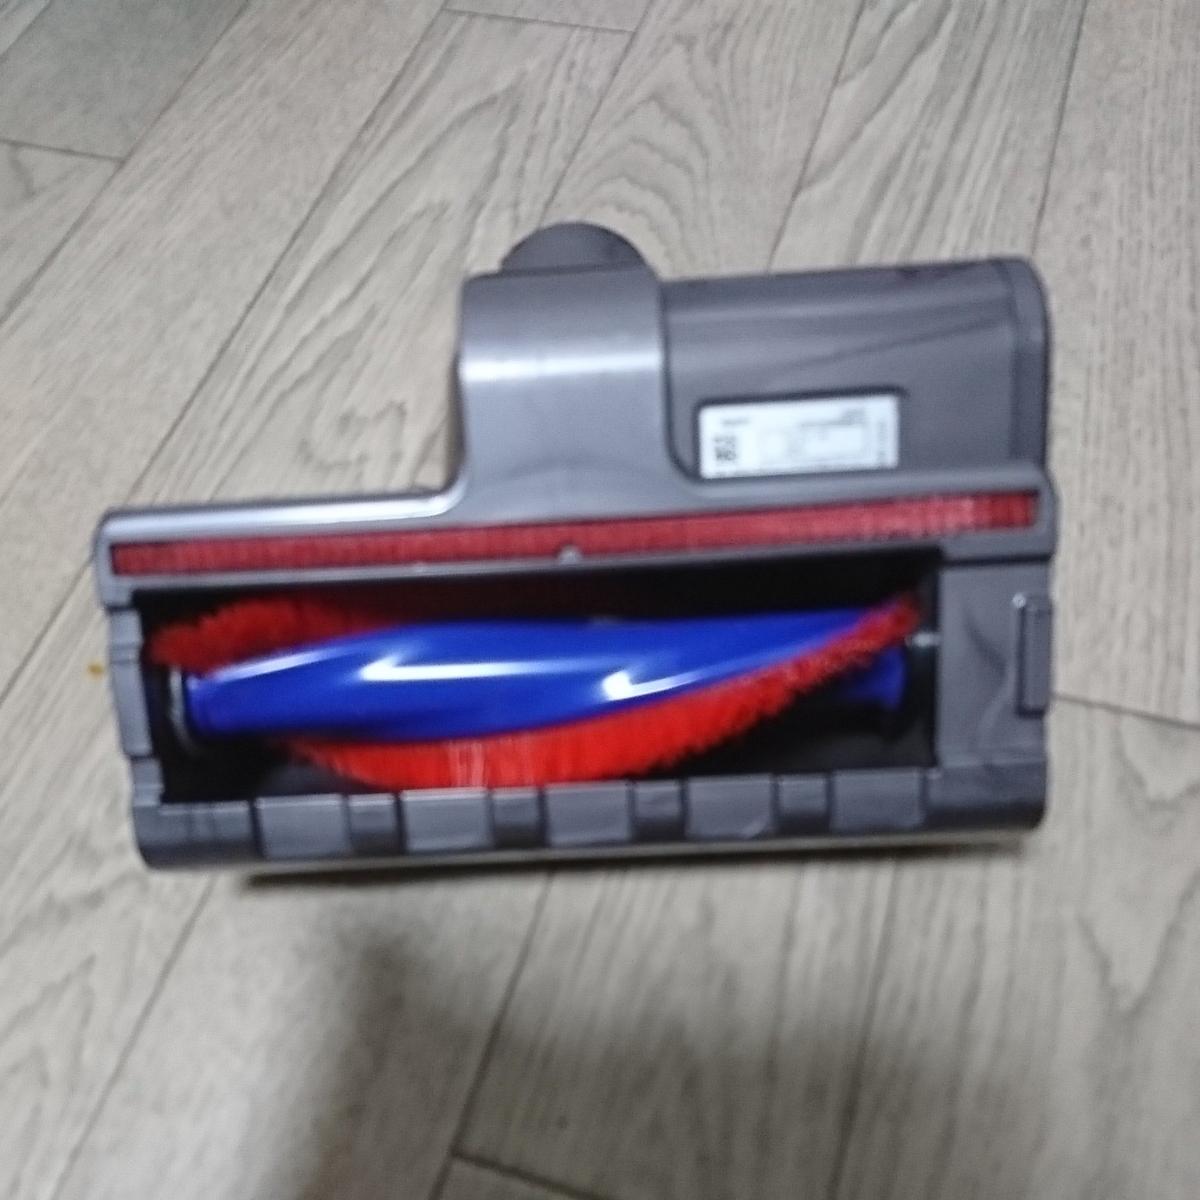 ダイソンハンディクリーナーV8fluffy+ 千葉県 検索用 DC62 V6 V7 V8 V10 スティッククリーナー 掃除機 _画像6